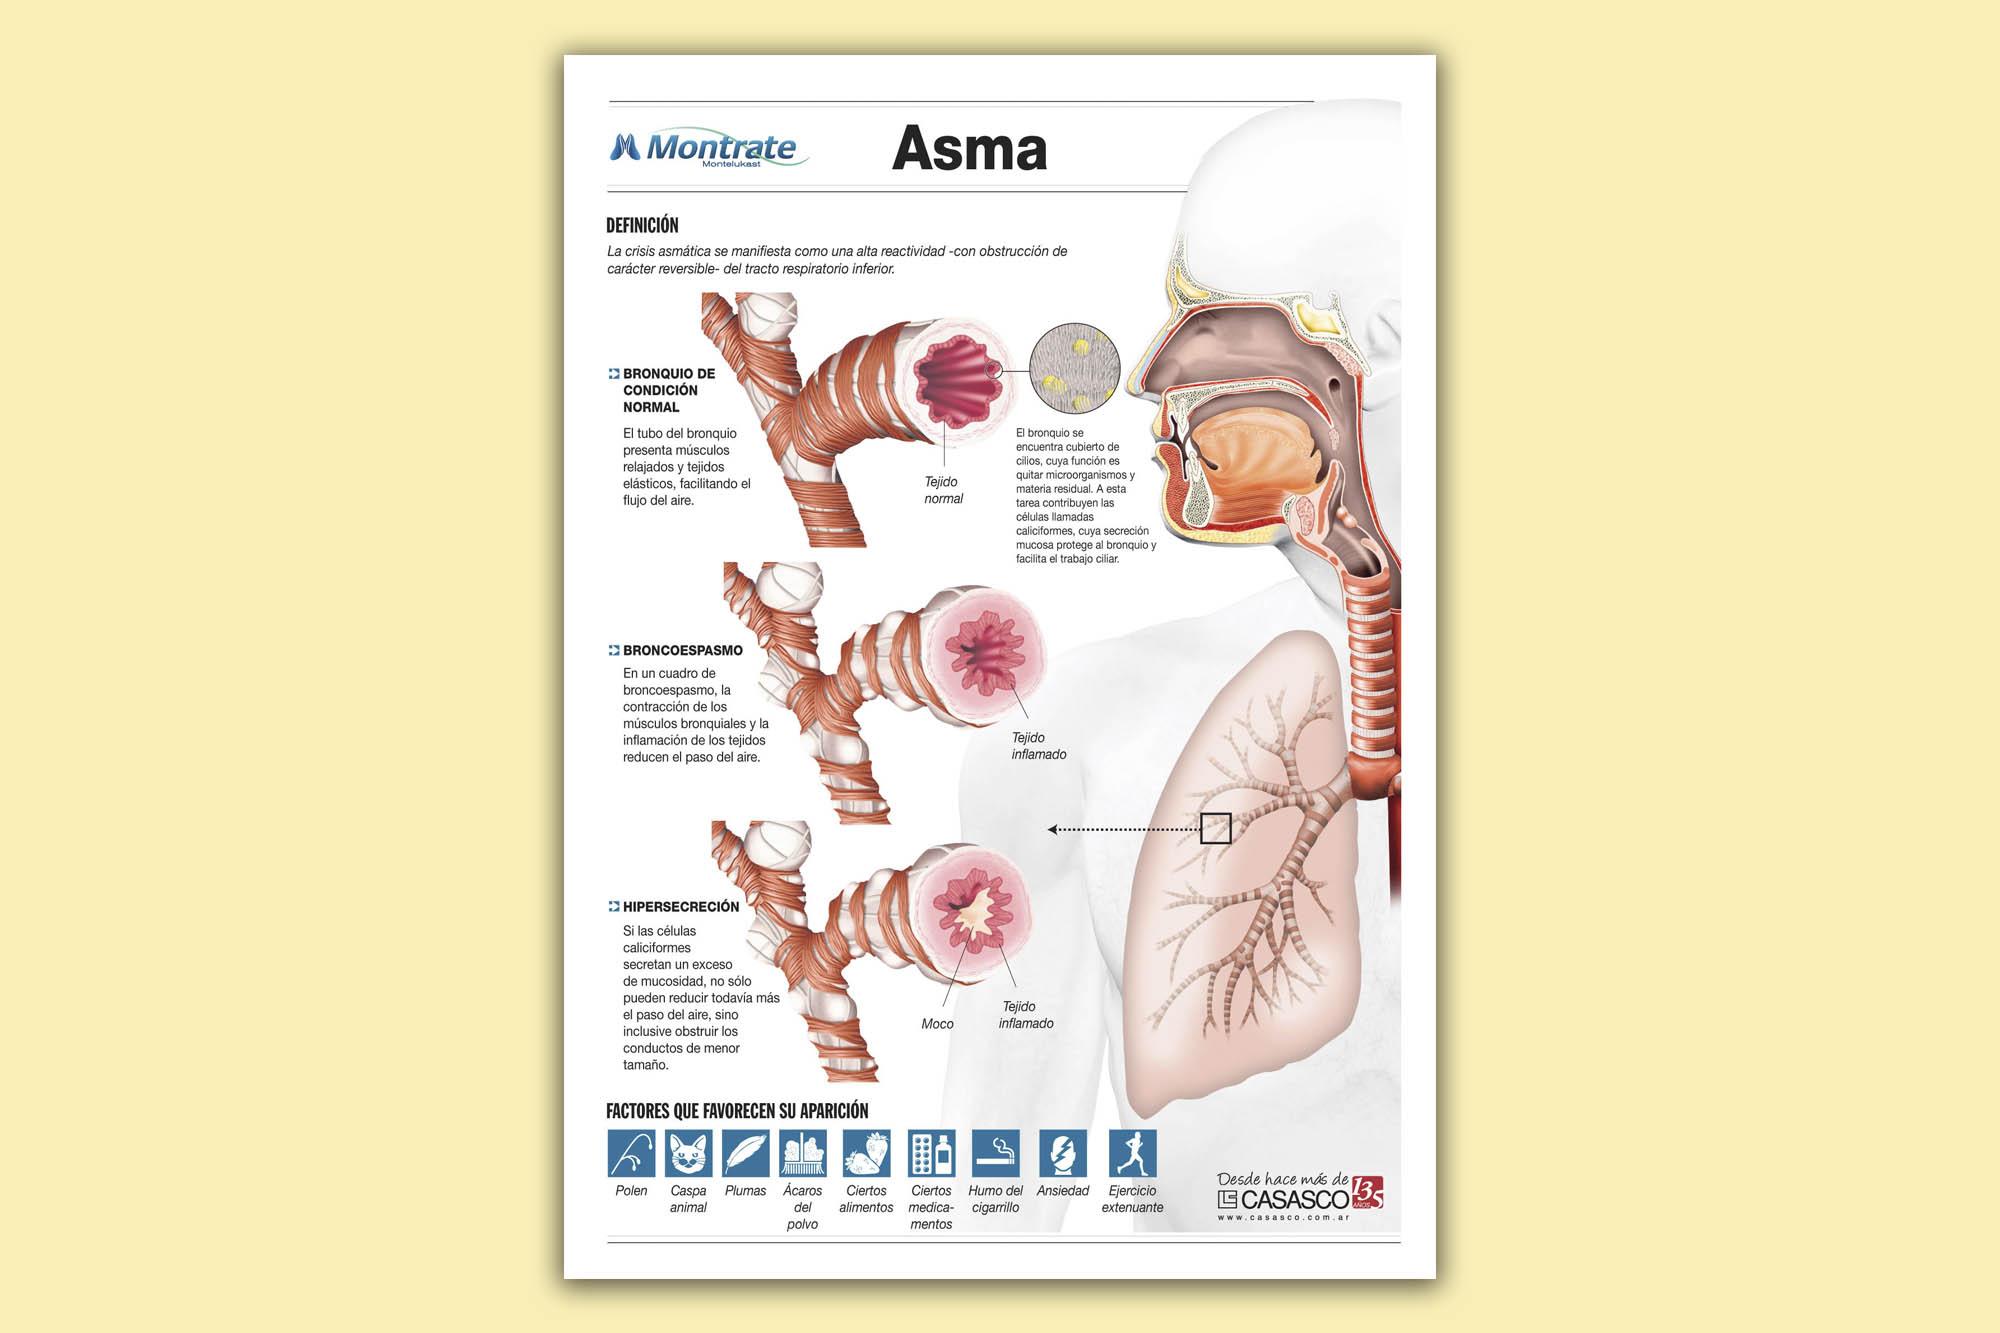 asma_1